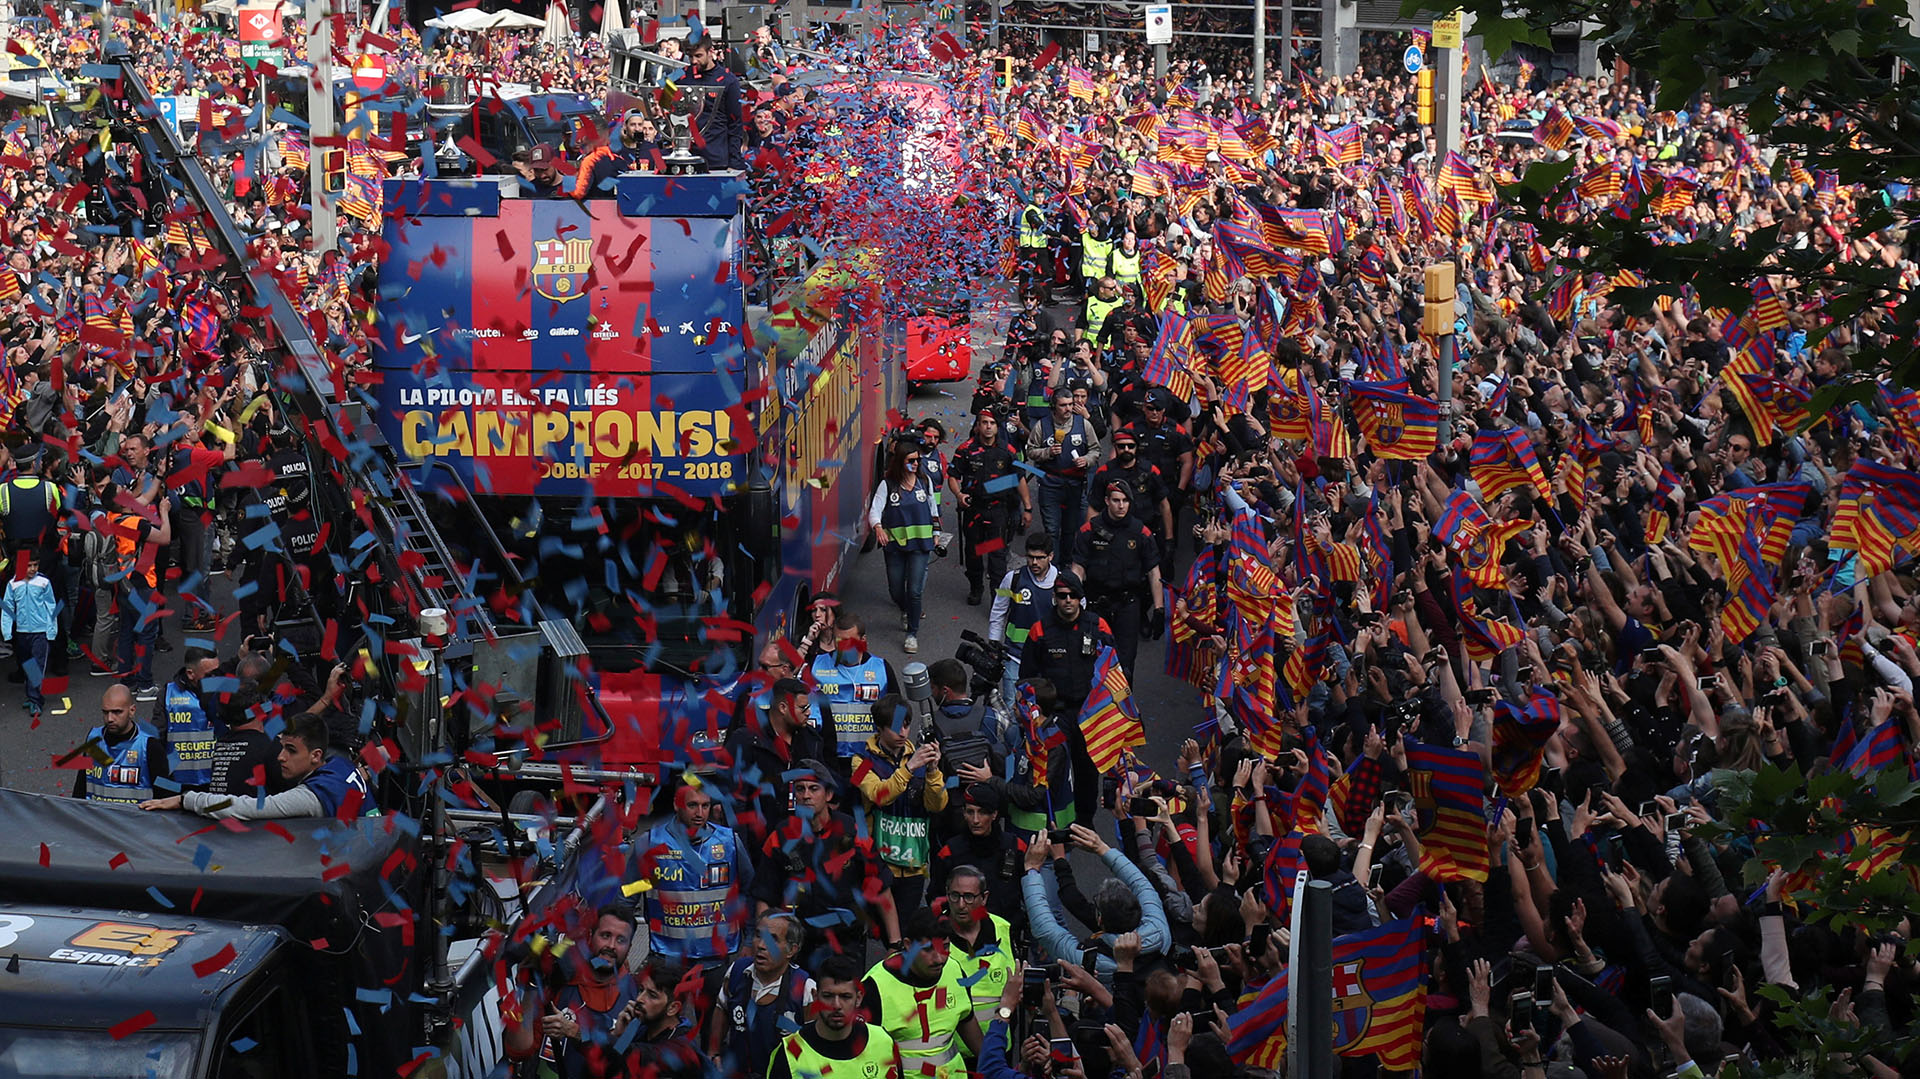 Este domingo, el Barcelona deberá jugar el clásico ante el Real Madrid